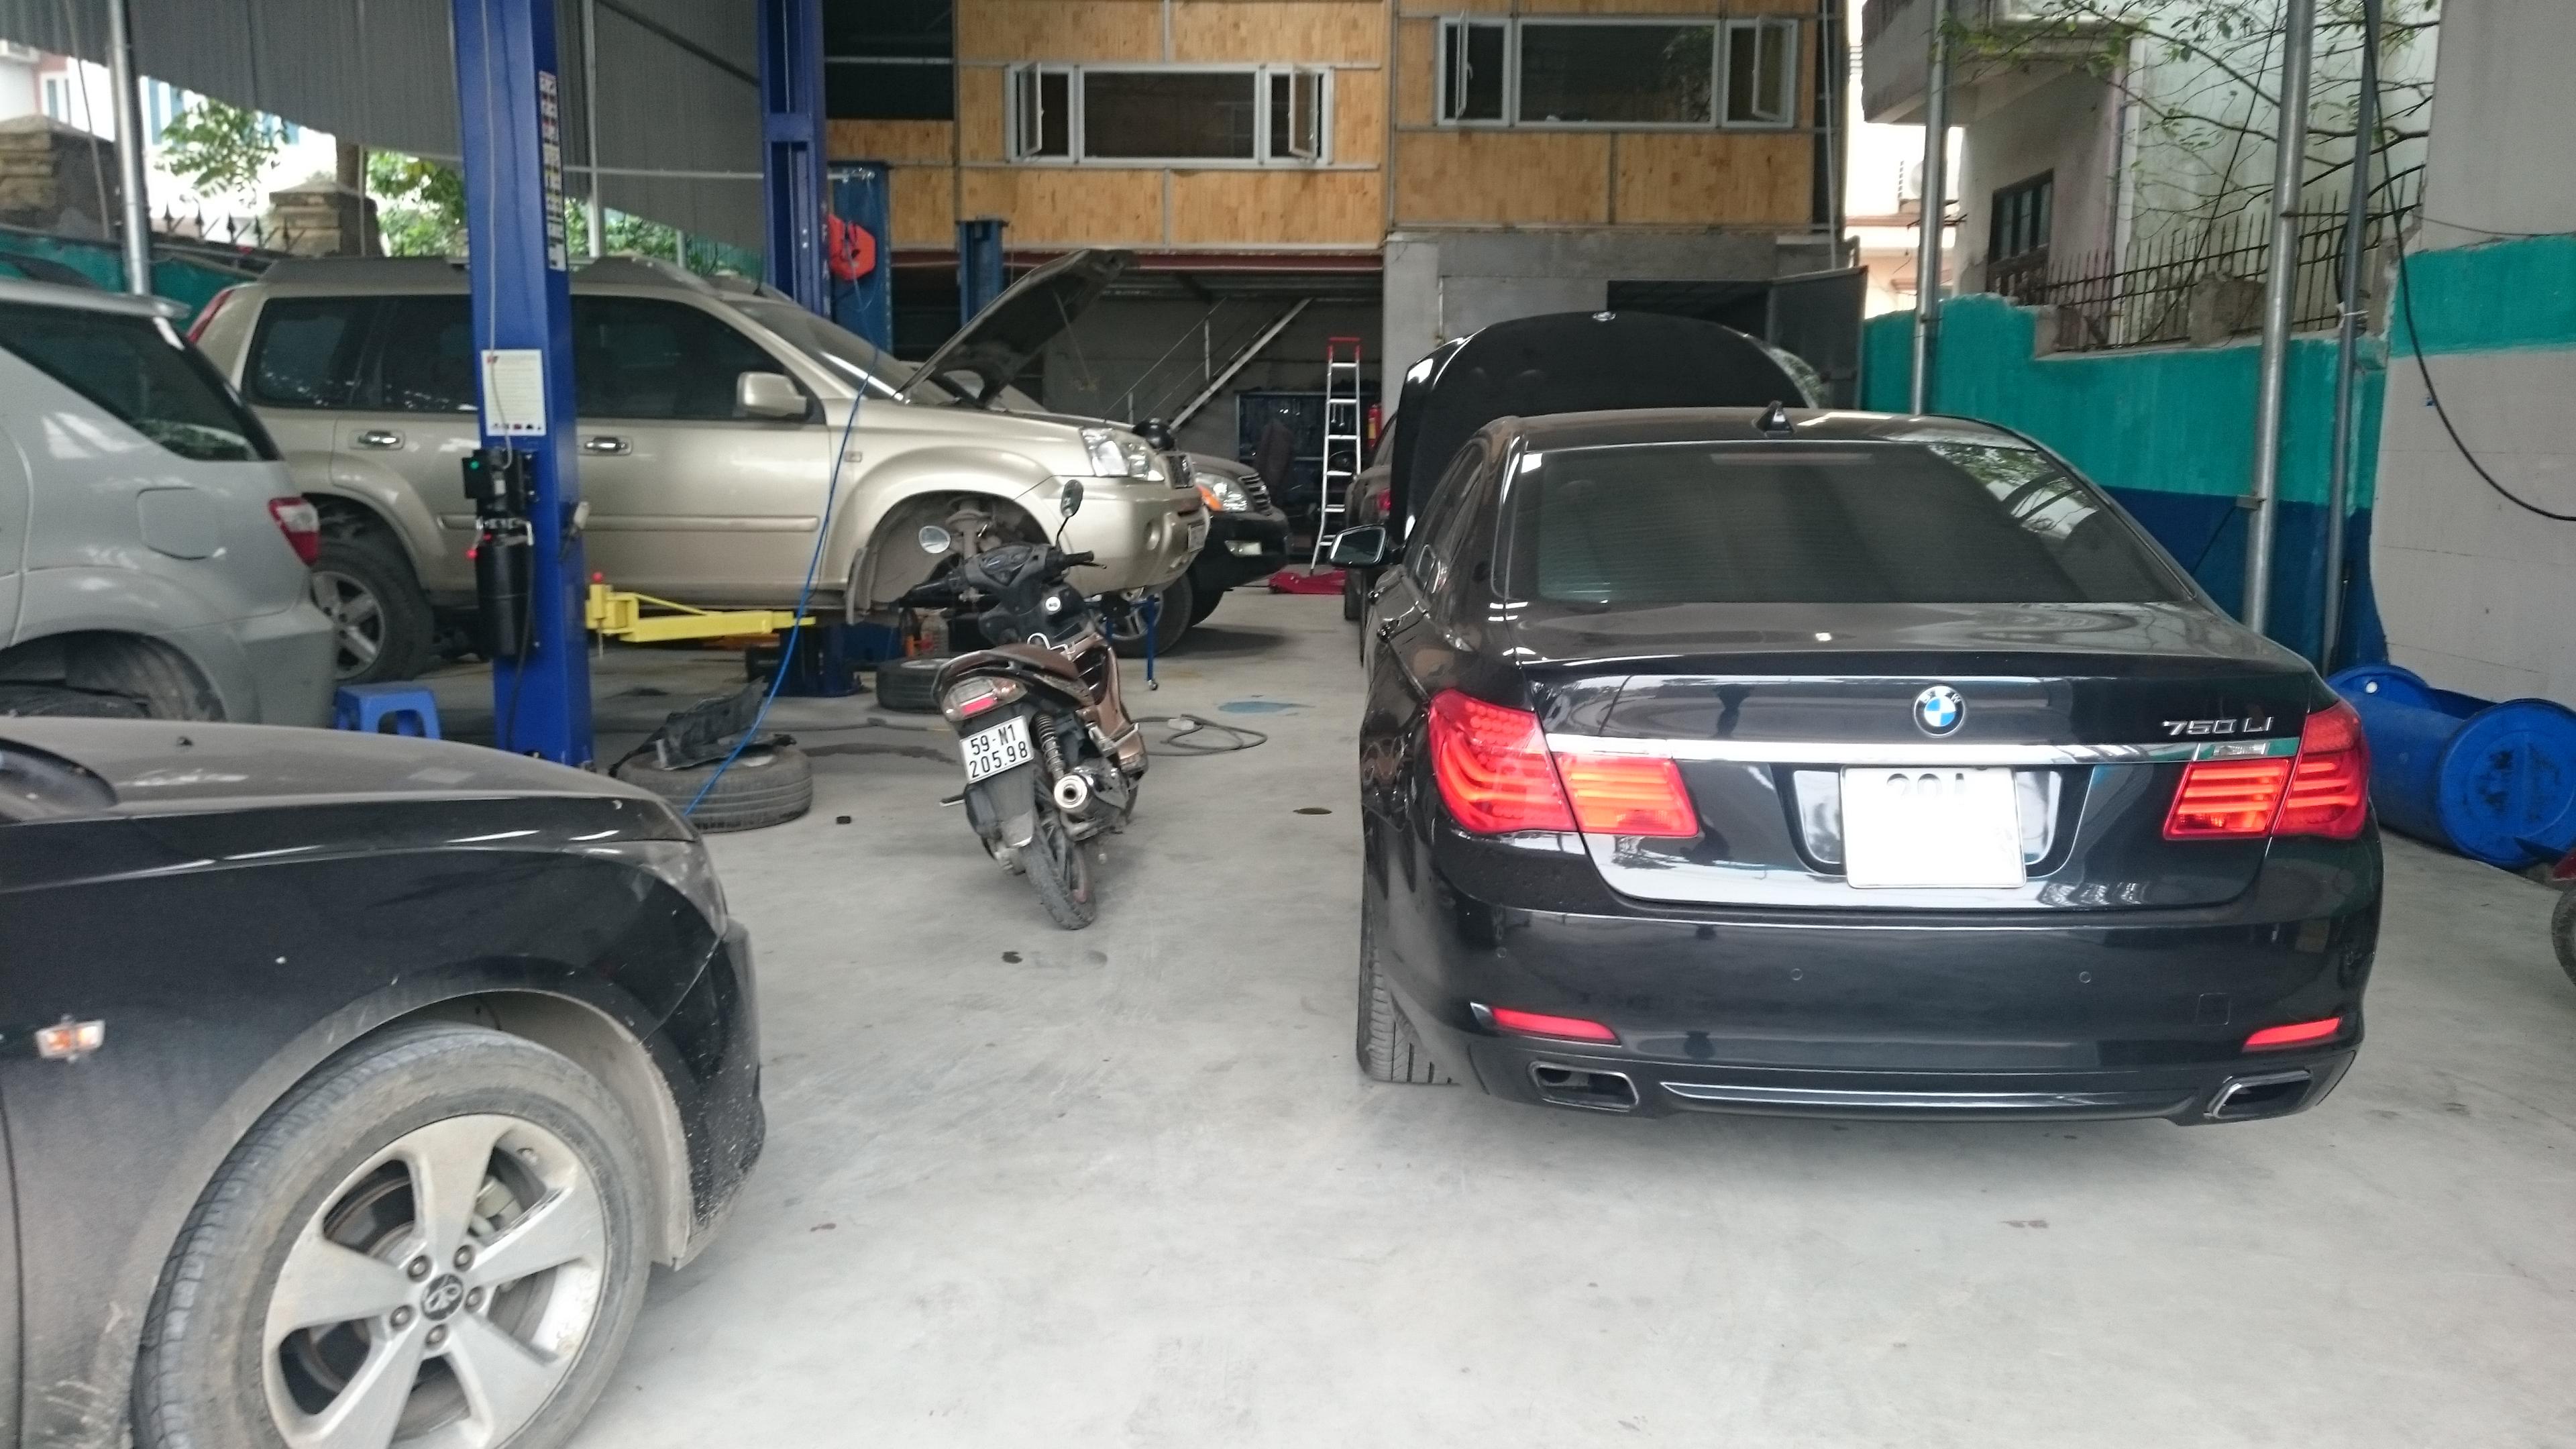 SmartCar Service - gara sửa chữa, bảo dưỡng ô tô uy tín tại Hà Nội